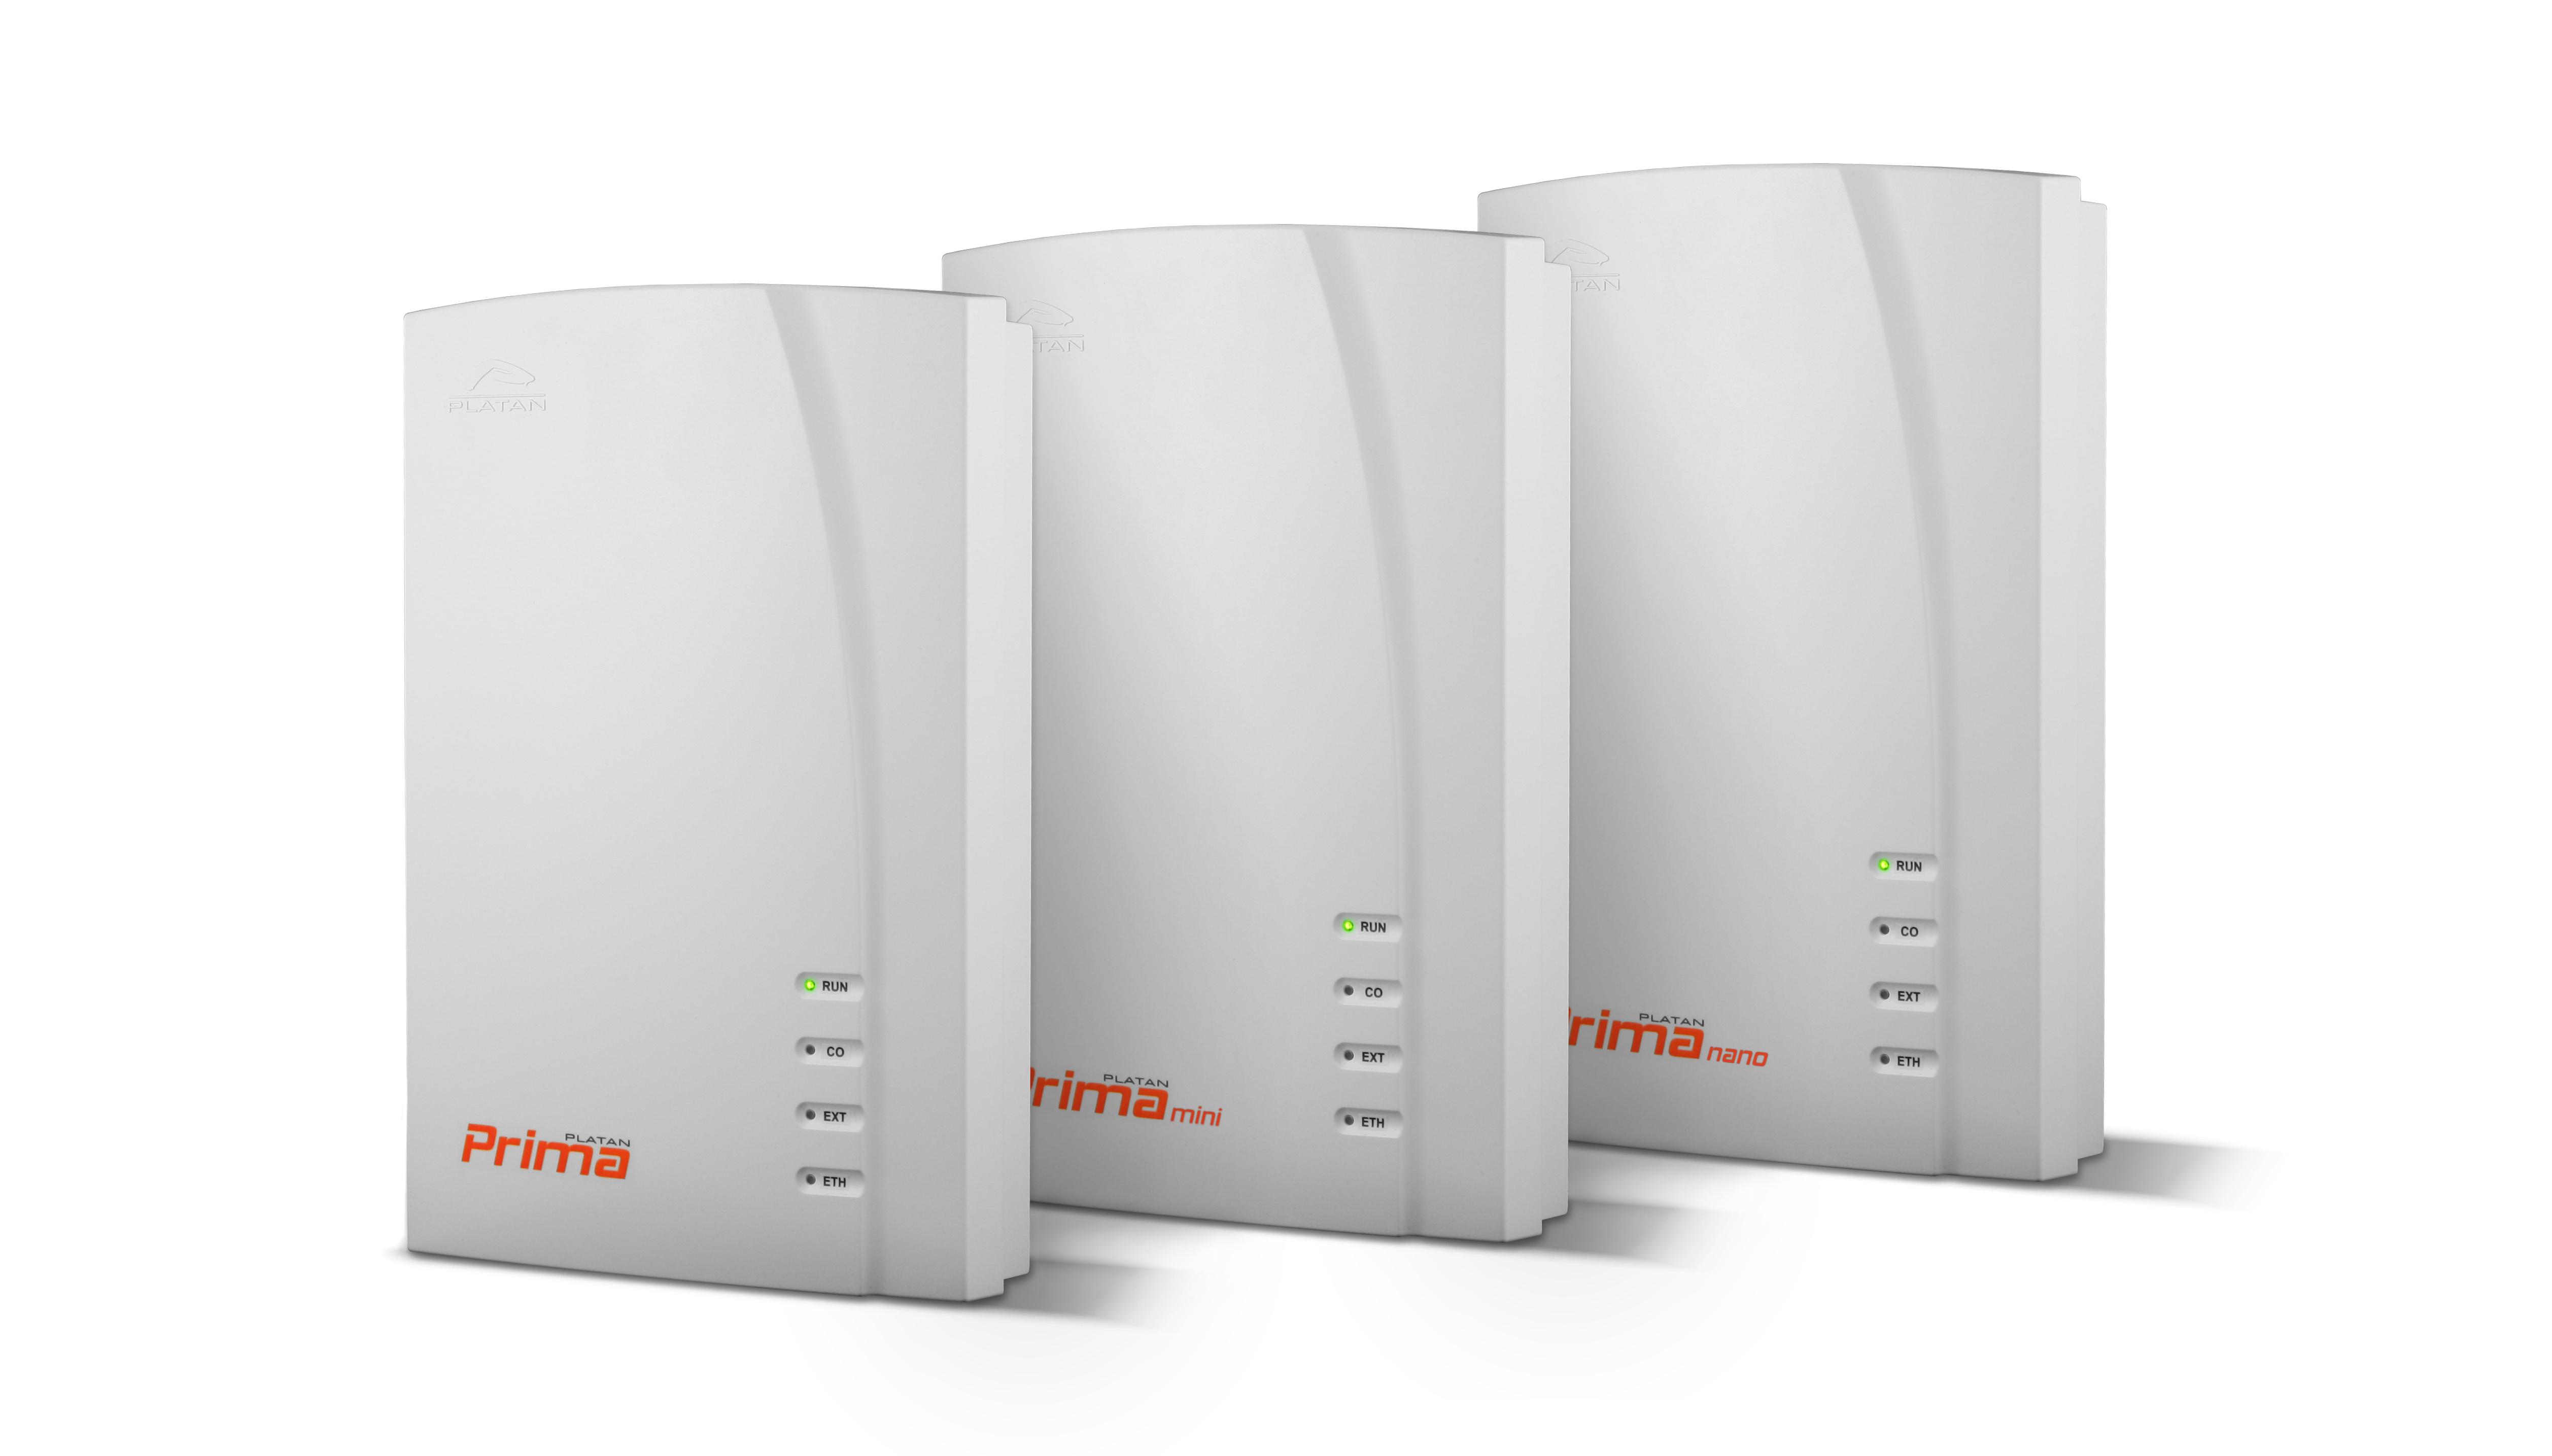 Centrale IP PBX Prima, Prima nano, Prima mini